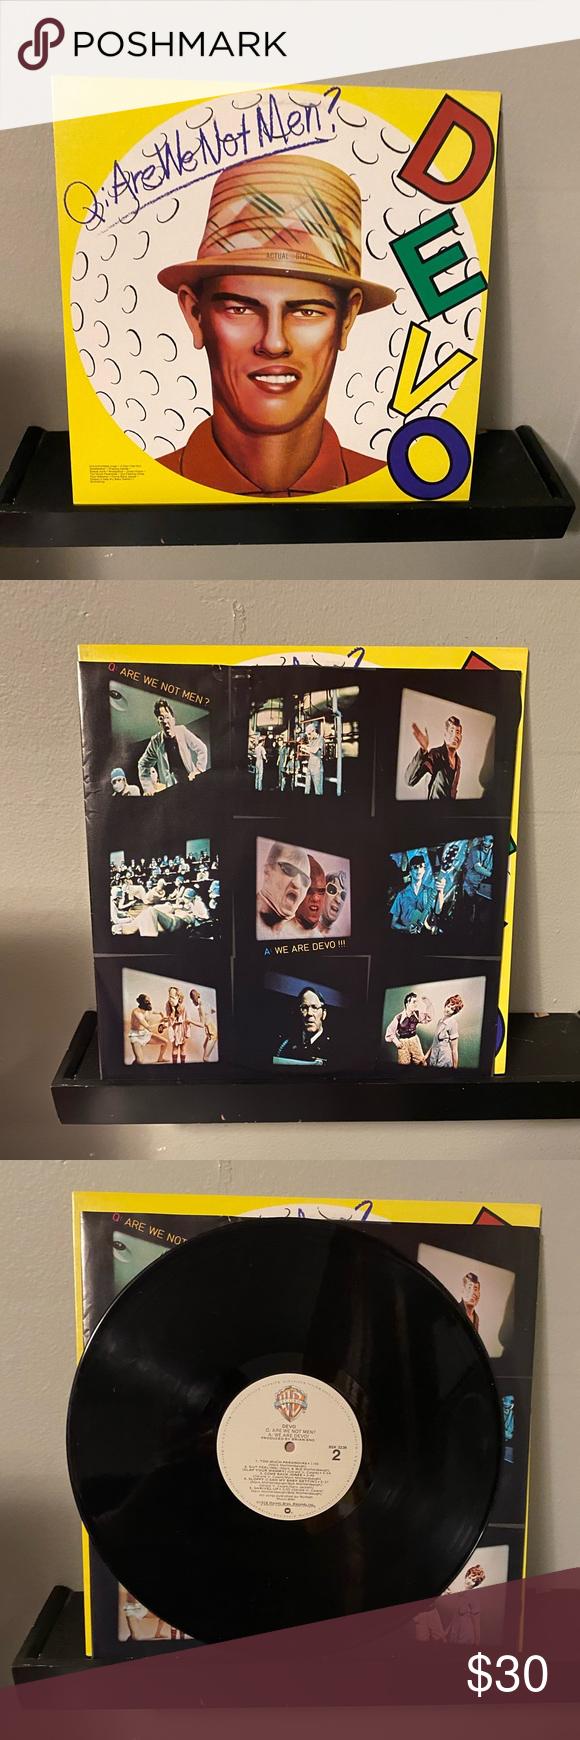 Devo Q Are We Not Men A We Are Devo Vinyl Original Pressing Of Devo S Debut Album Used Condition Media Ex Sleeve Ex Are We Not Men Vinyl Debut Album